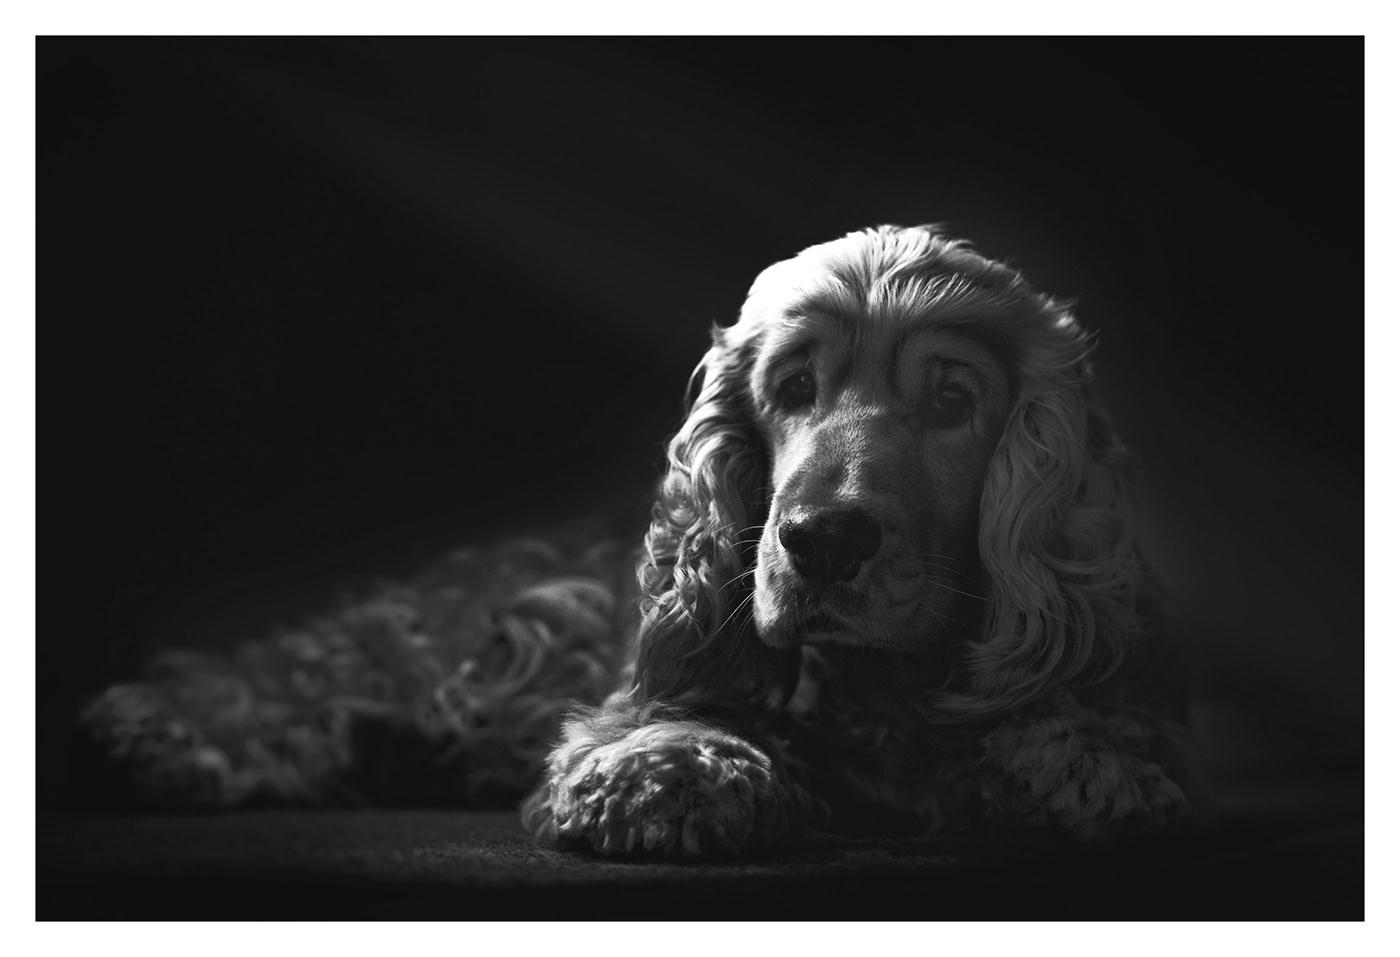 English cocker spaniel / фото S Plumauvent